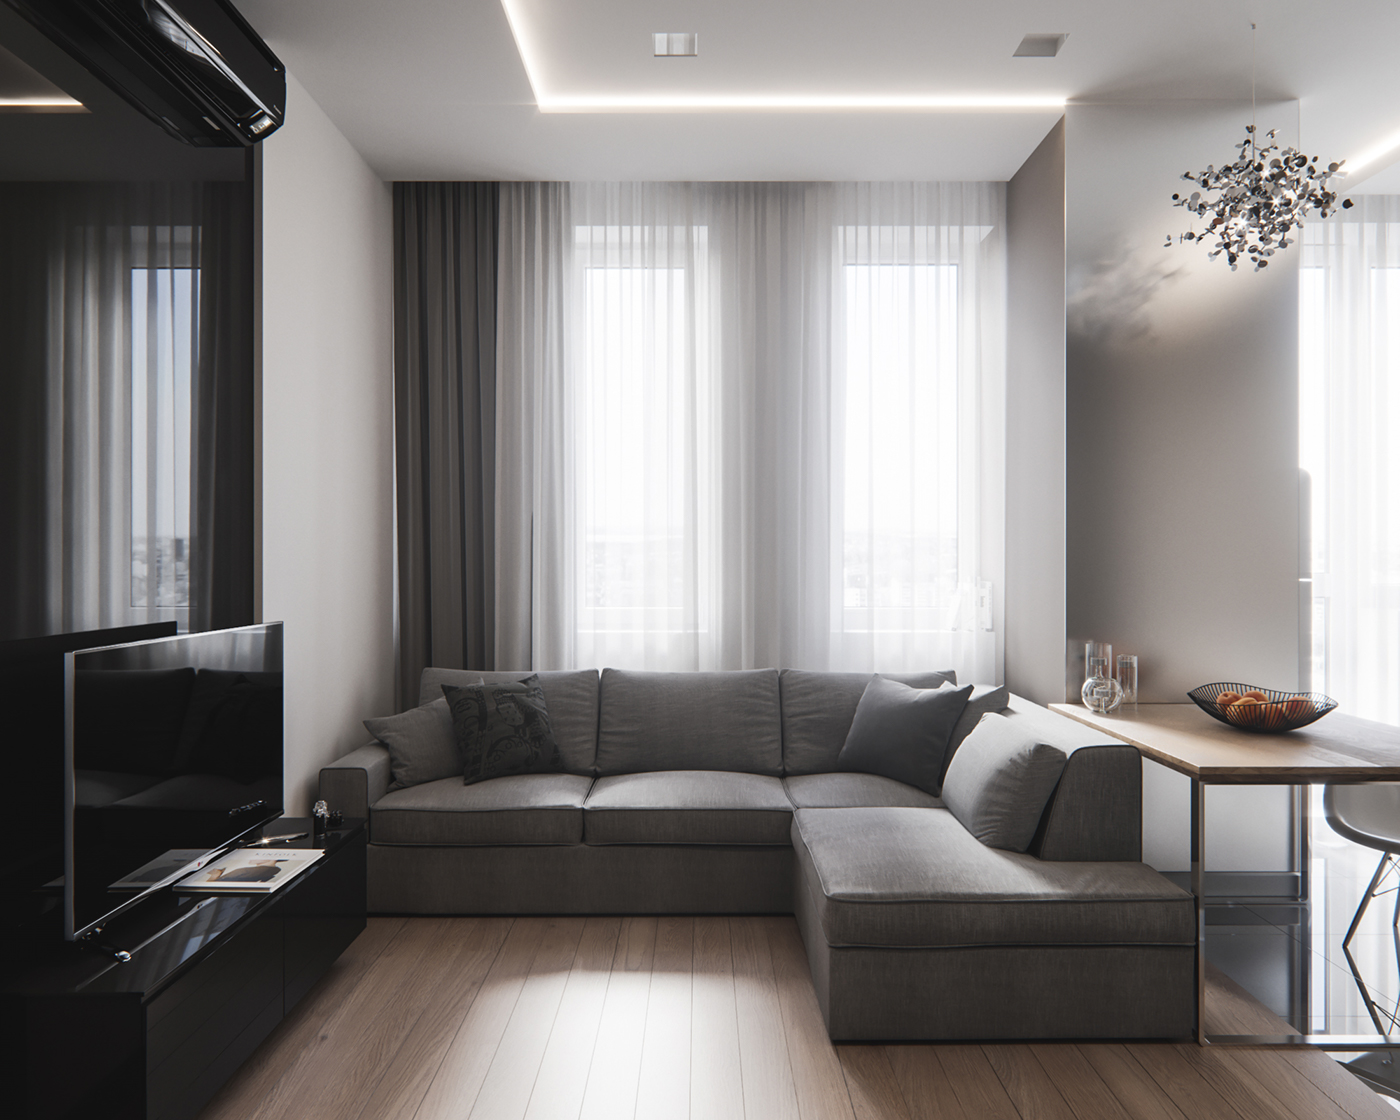 Arredare Monolocale 20 Mq arredare case piccole di 40 o 50 mq: progetti e idee per